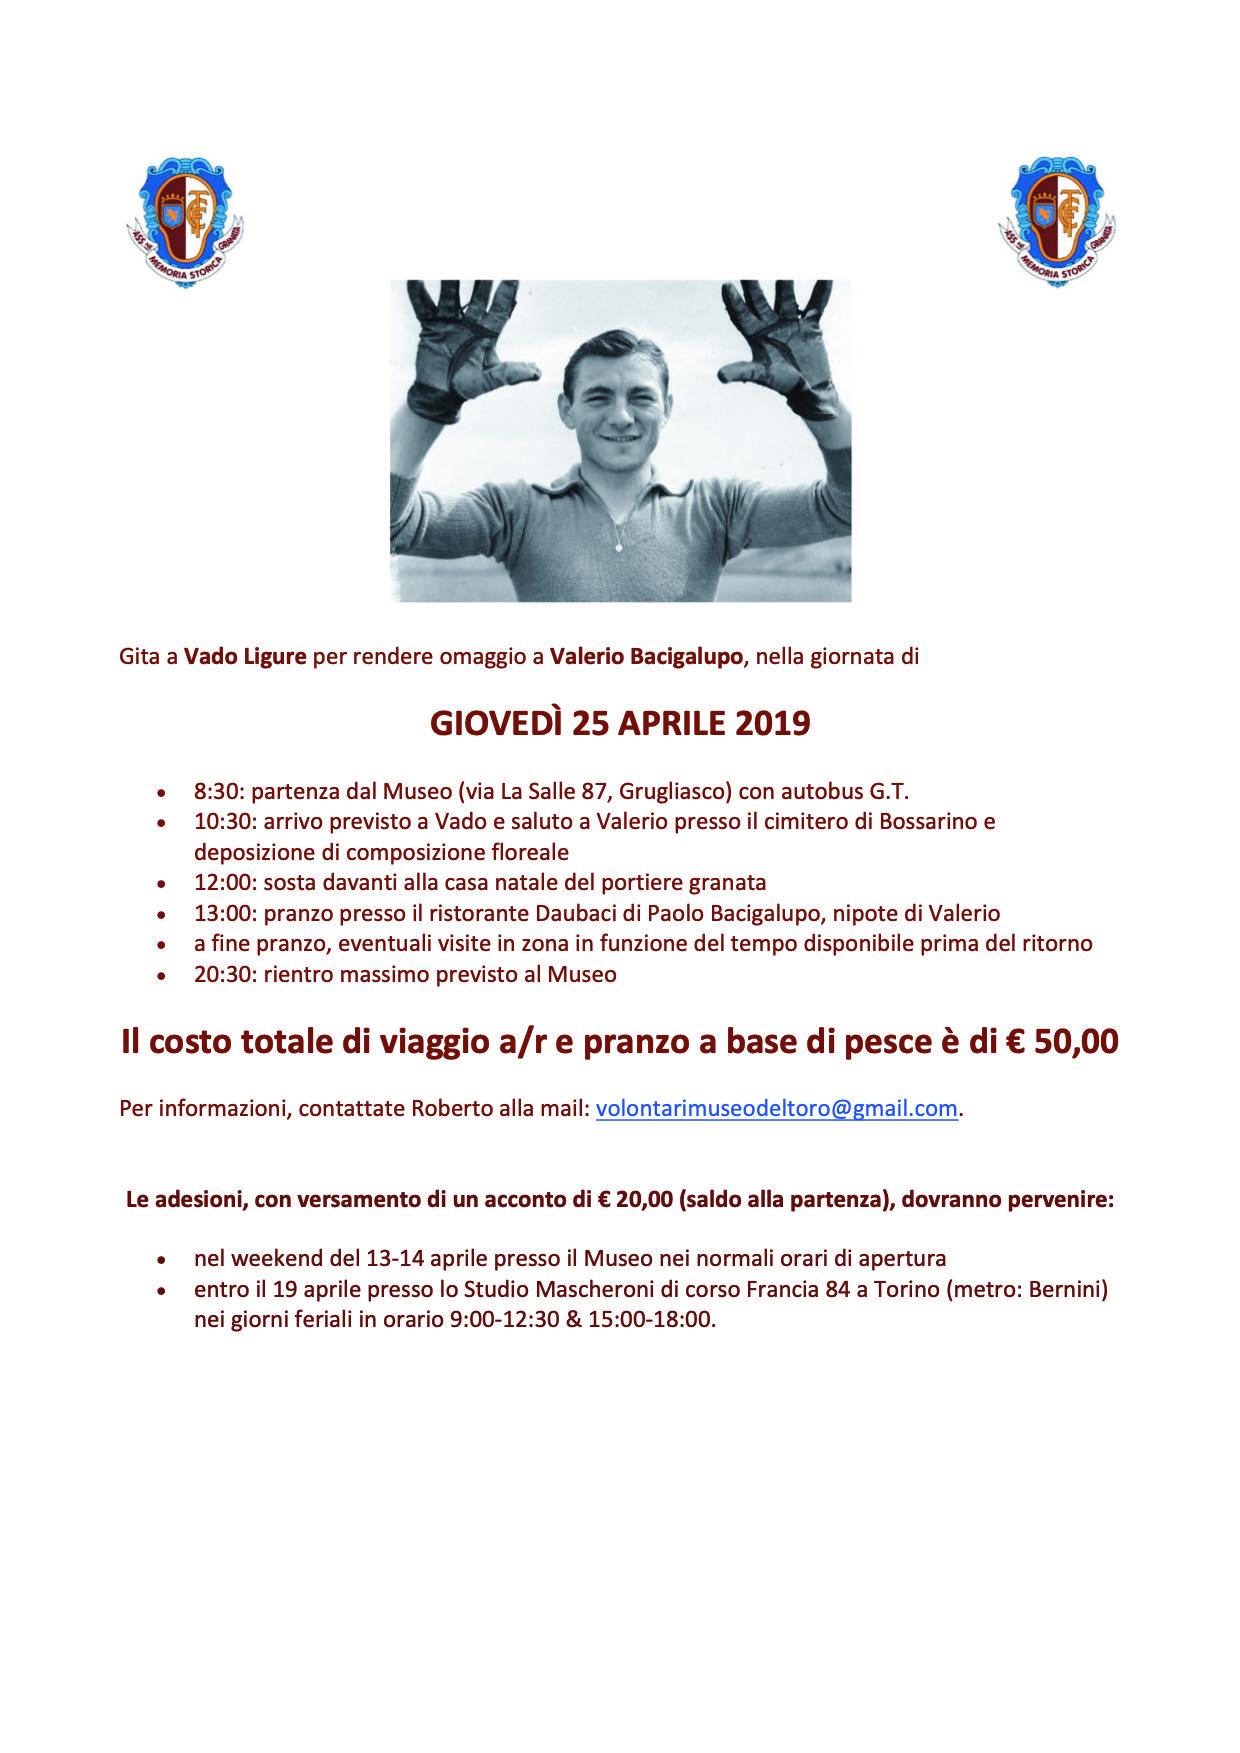 GITA PER BACIGALUPO A VADO LIGURE 25/04/2019